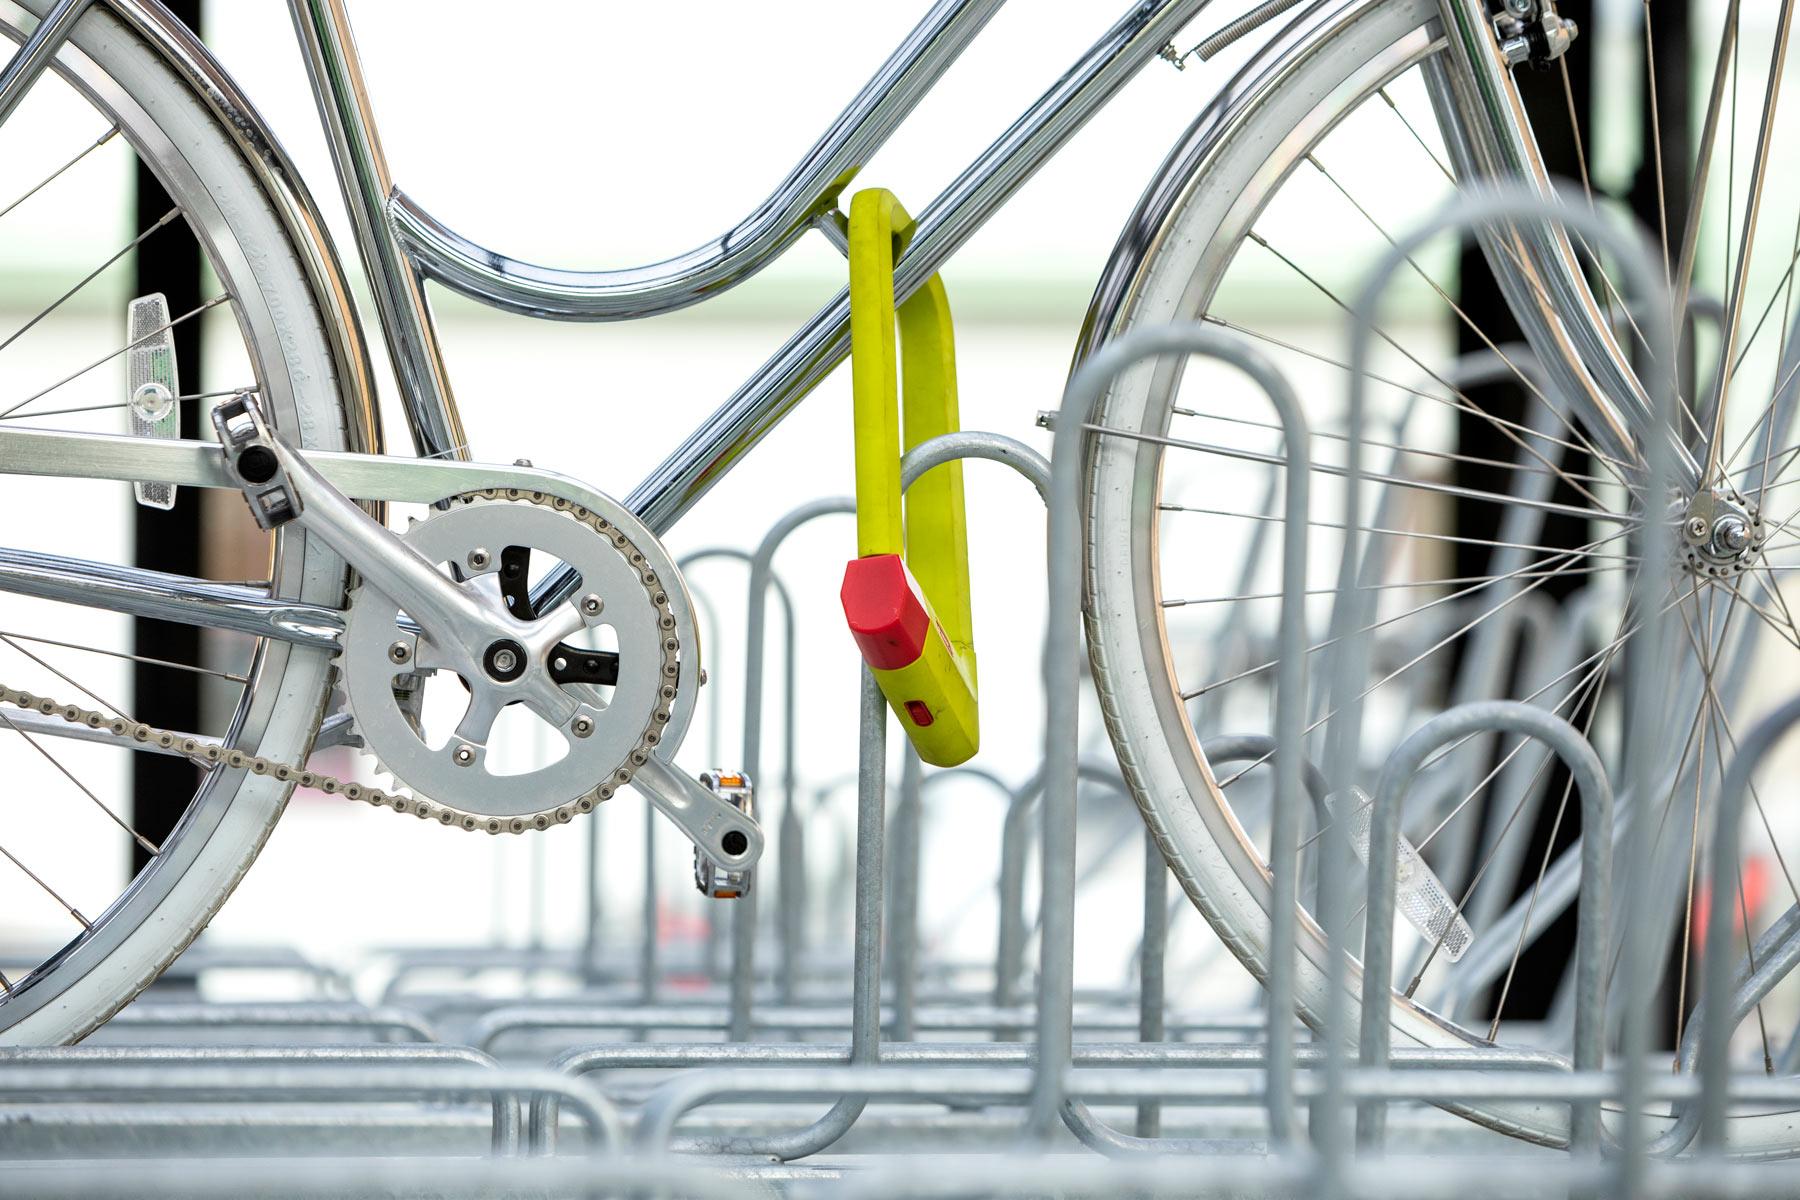 Cykelgarage med ramlåsning